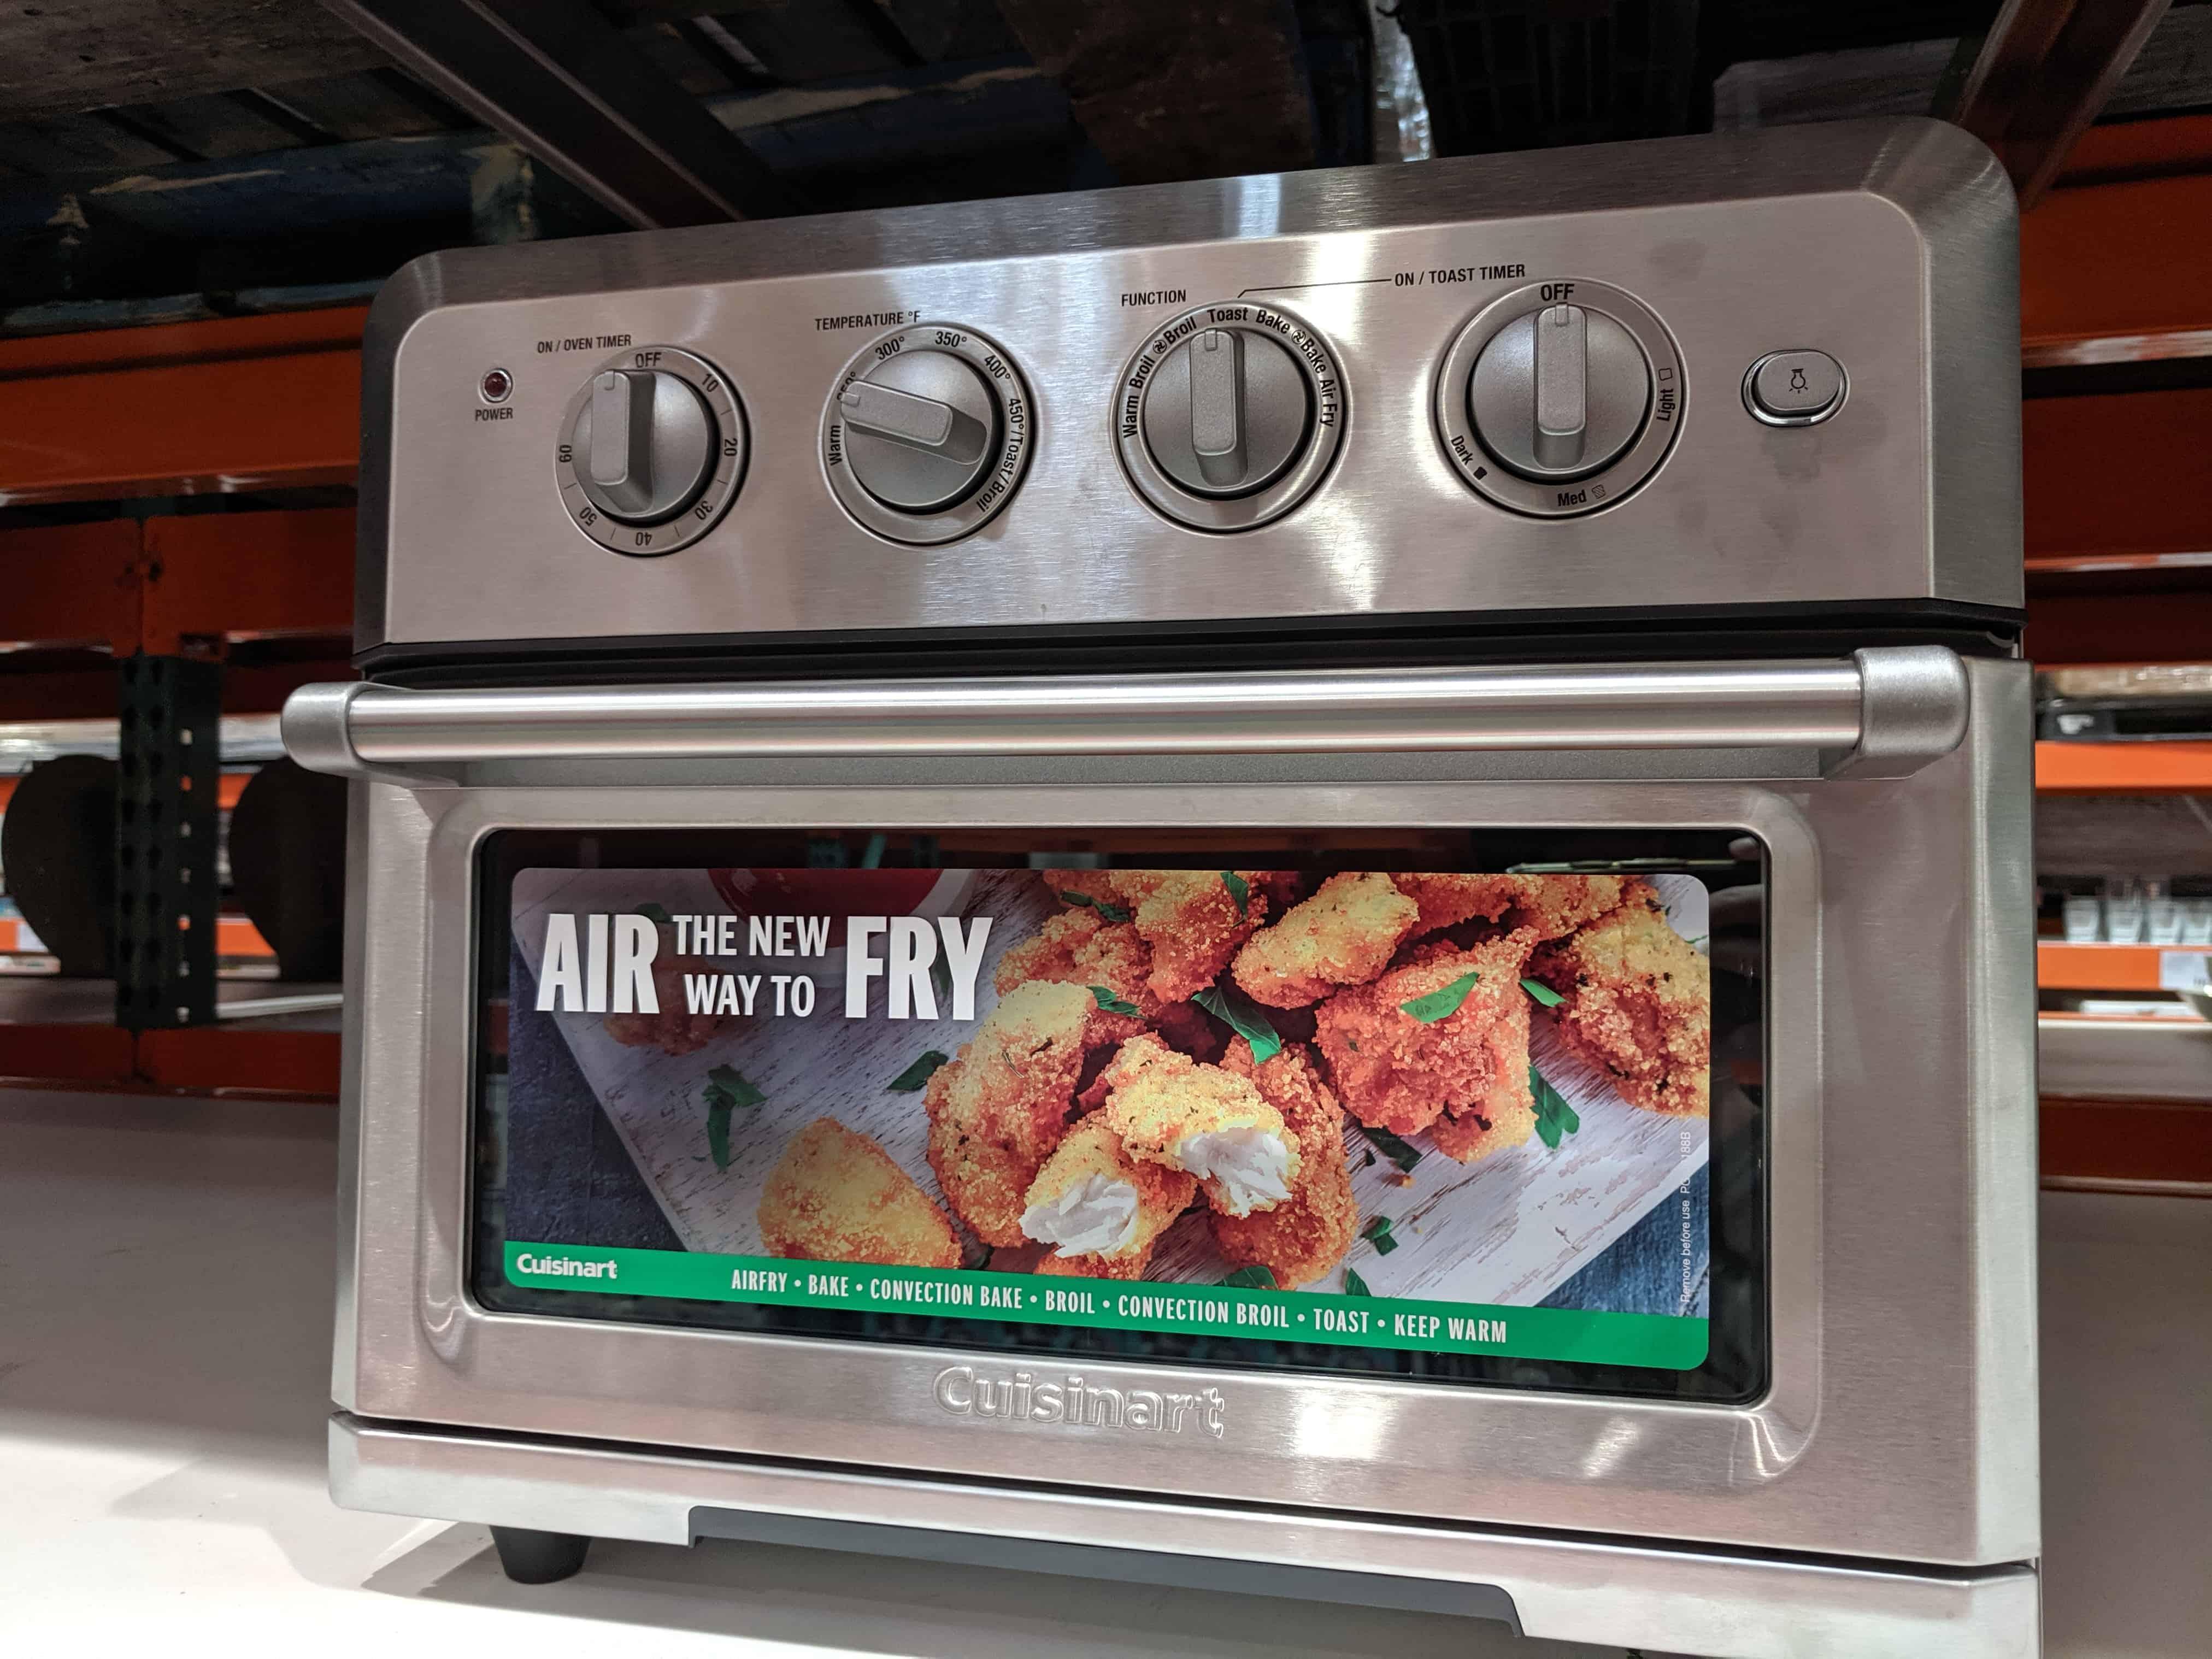 Costco Cuisinart Countertop oven